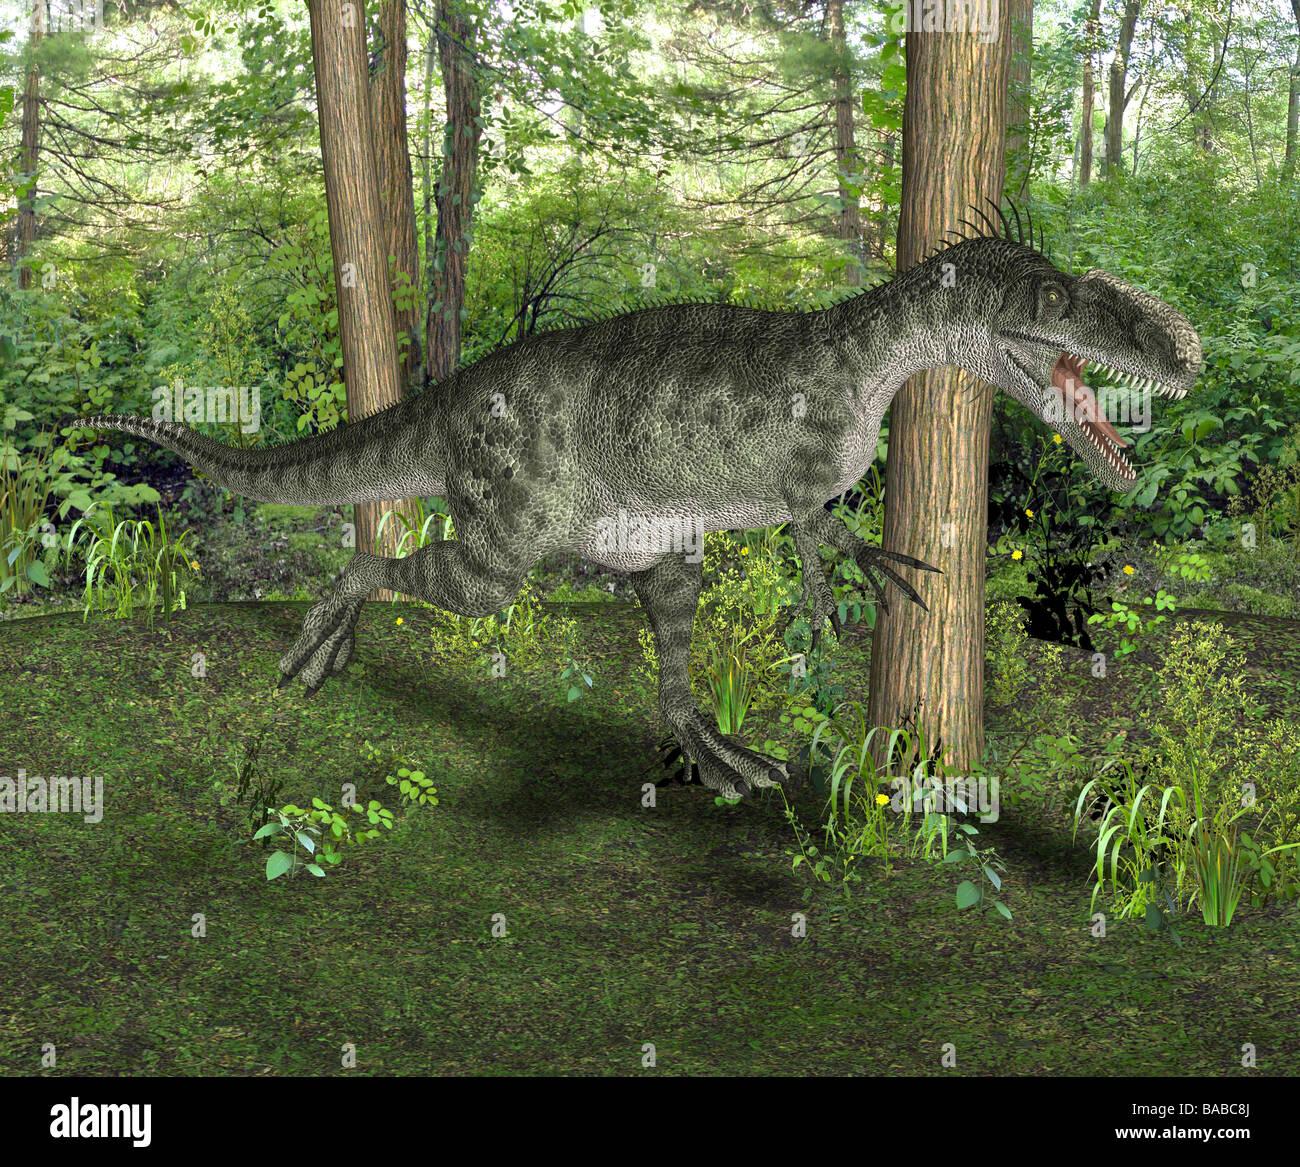 dinosaur MonolophosaurusStock Photo